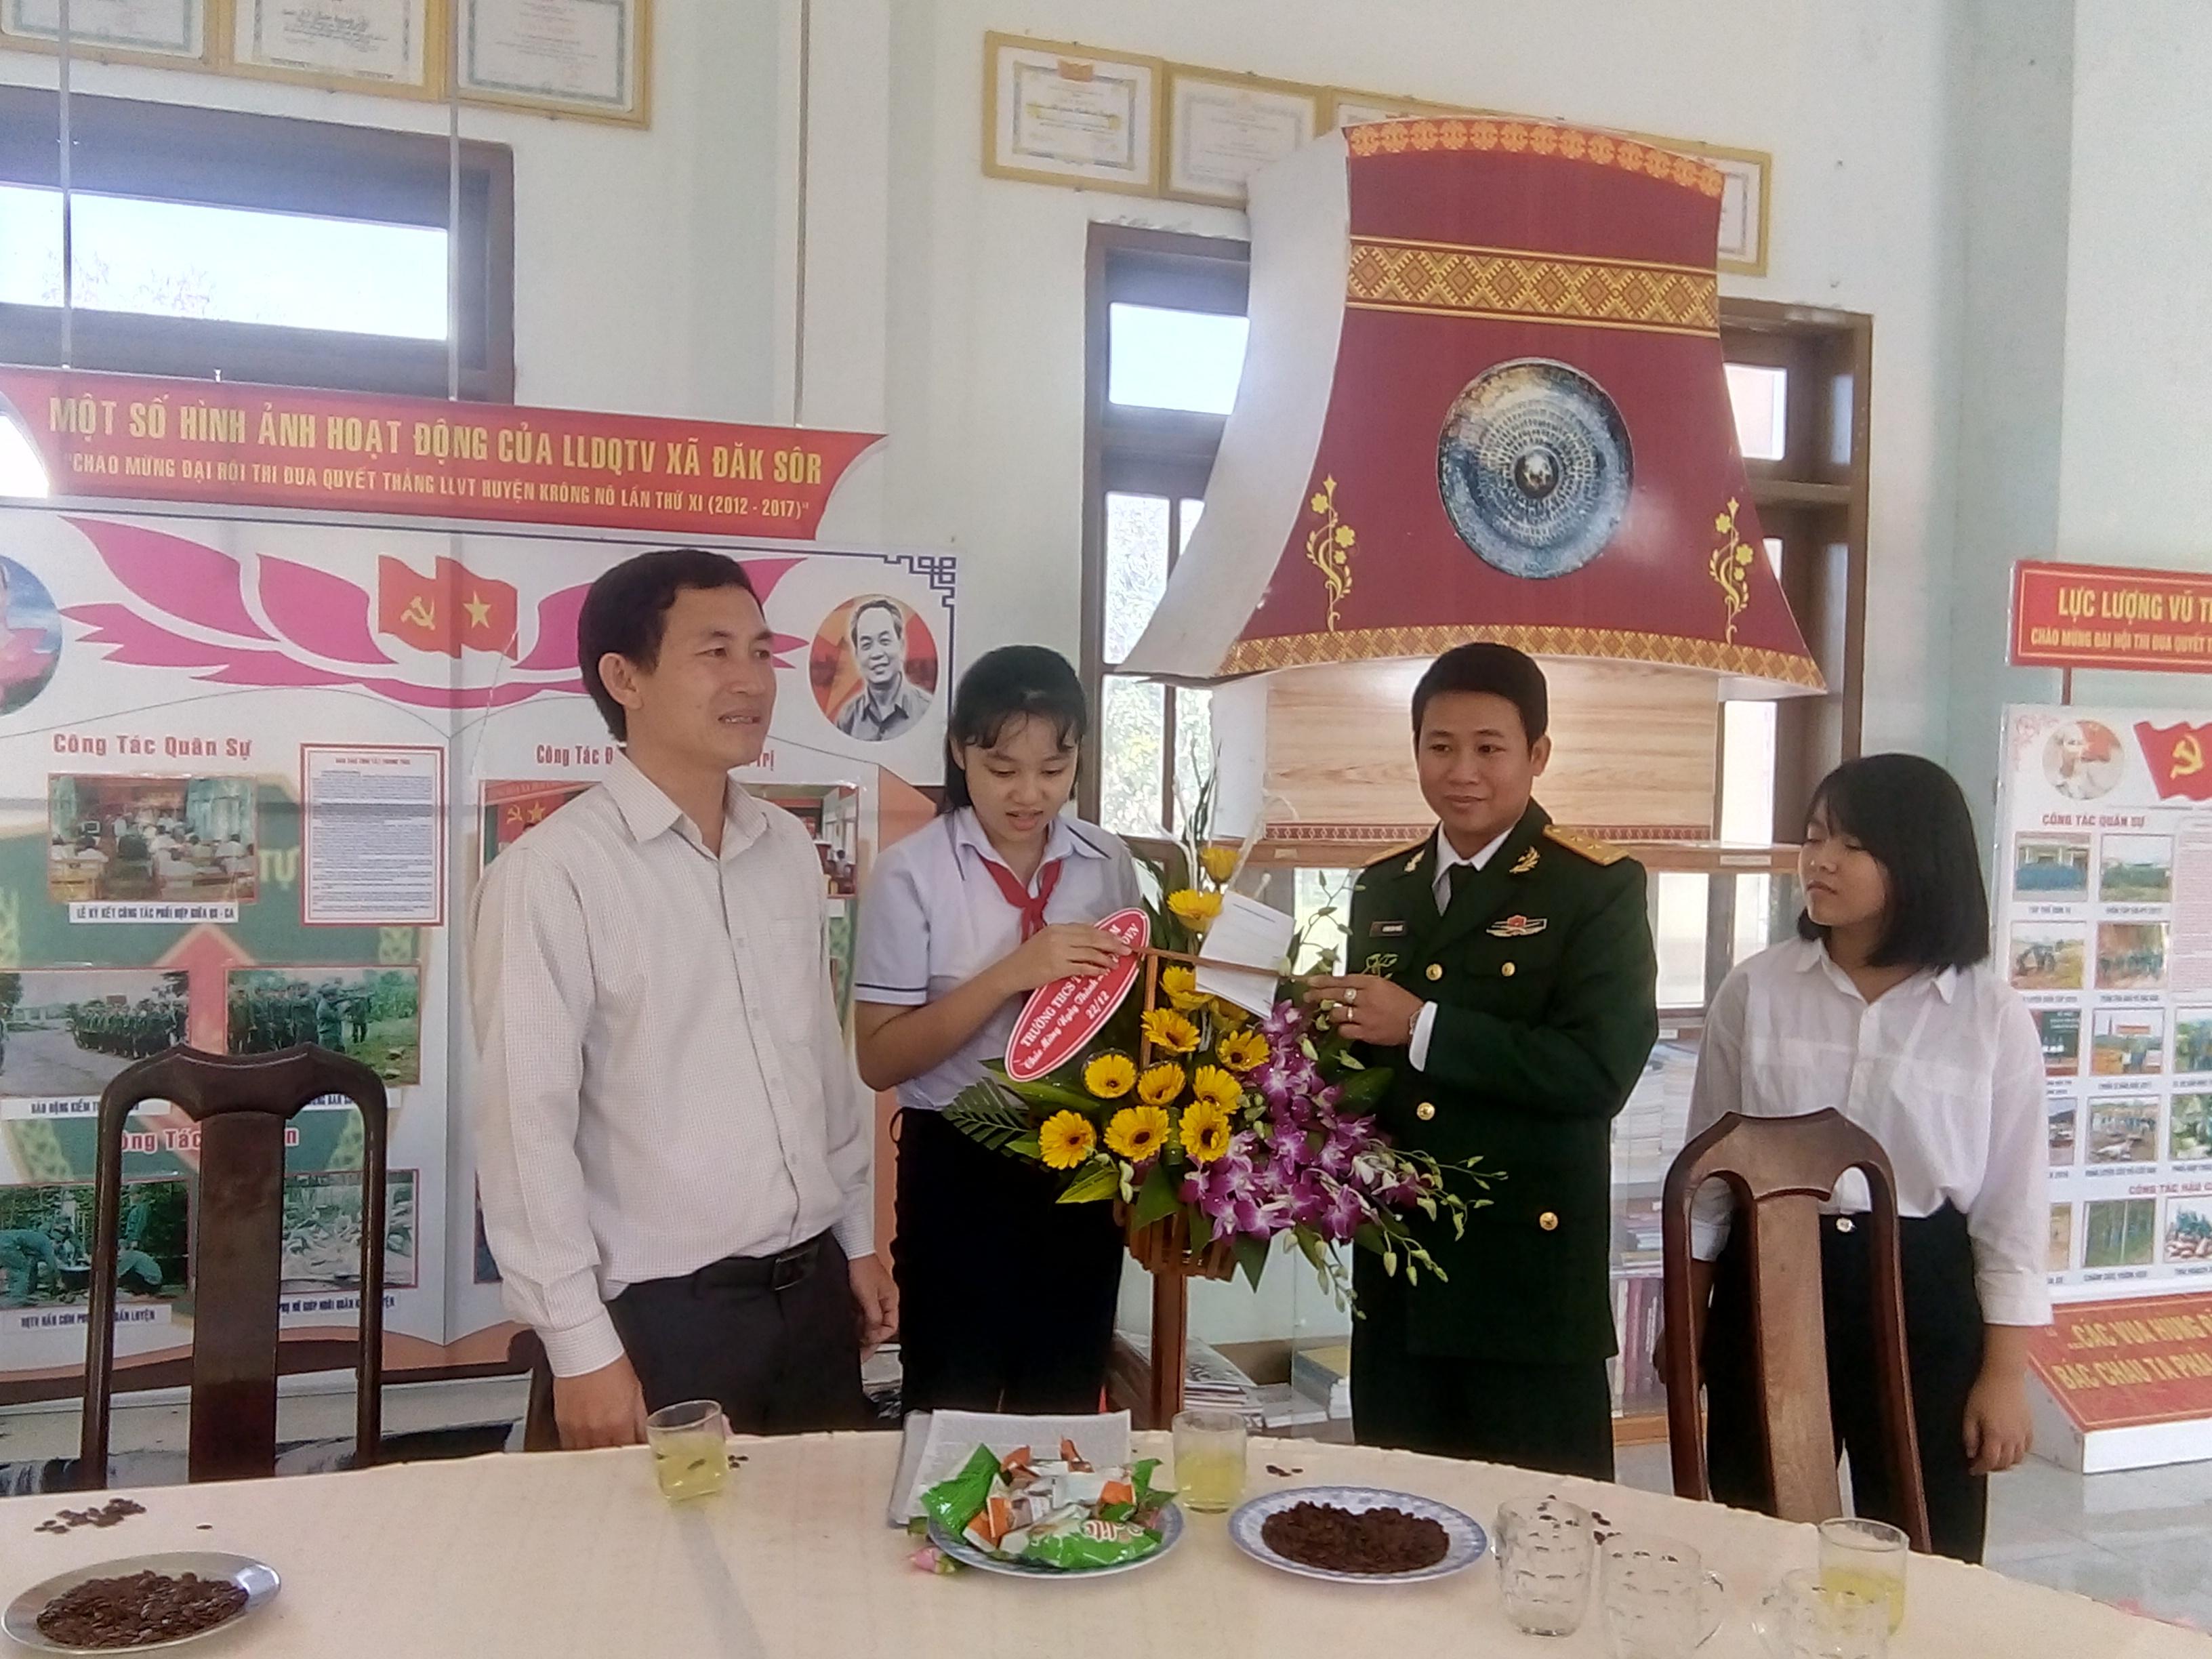 ... đại diện các thầy cô và các em học sinh xuống tặng hoa chúc mừng ngày thành lập quân đội nhân dân Việt Nam tại cơ quan quân sự huyện Krông Nô.